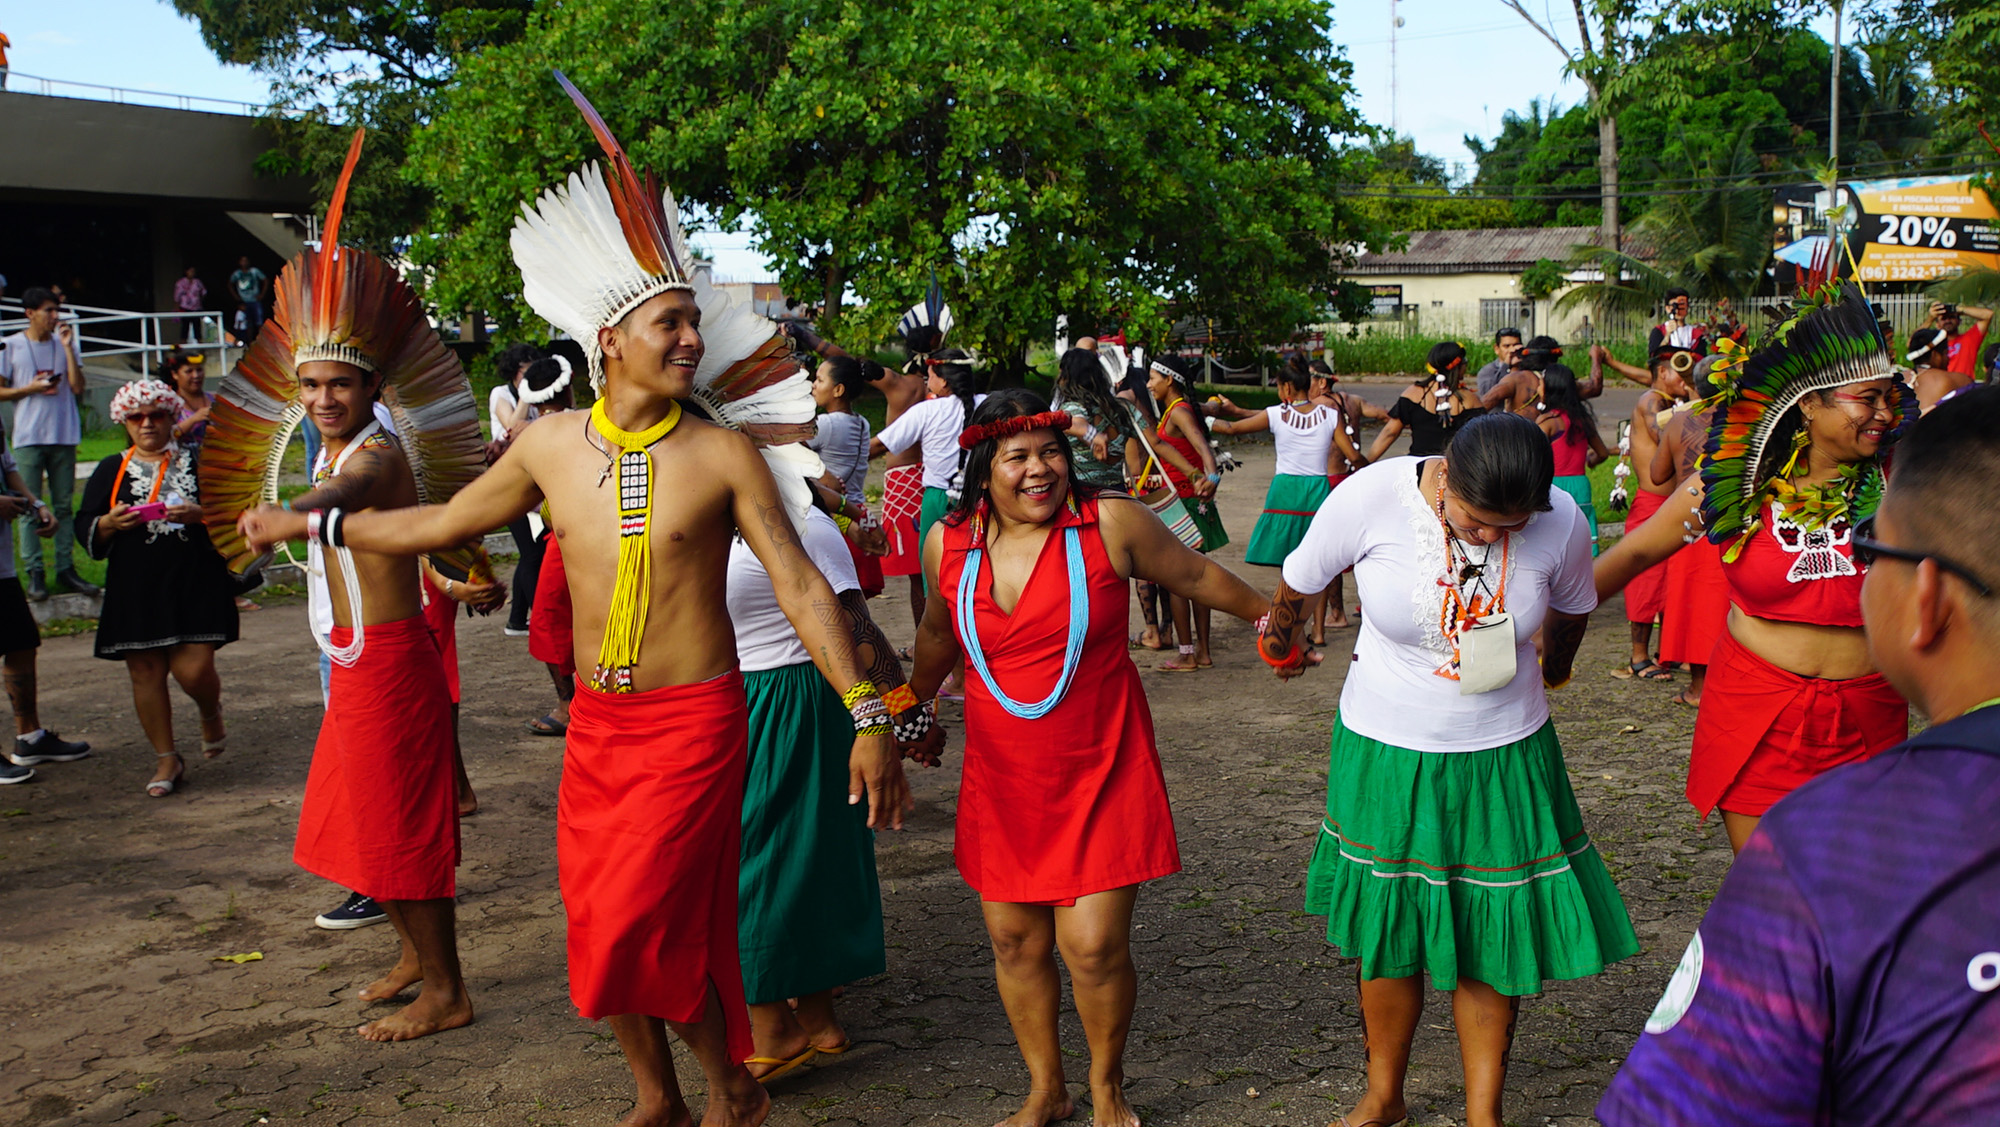 Povos indígenas debatem clima, territórios e políticas públicas no 1o. Chamado, em Macapá